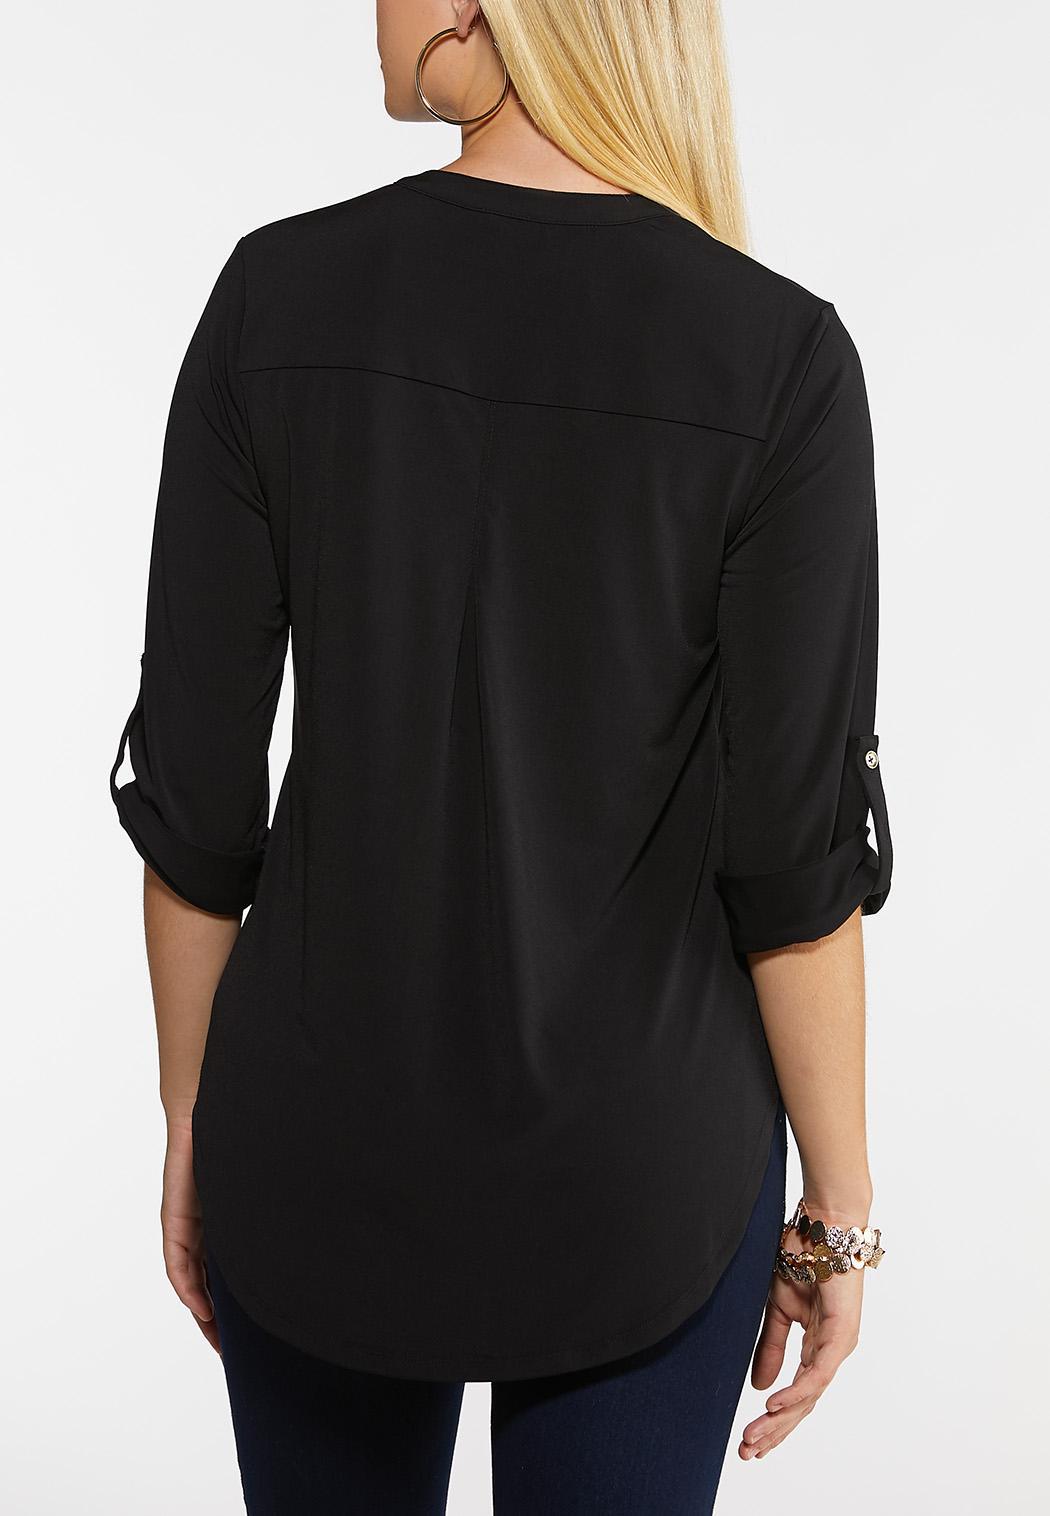 Zipper Pocket Top (Item #44084314)